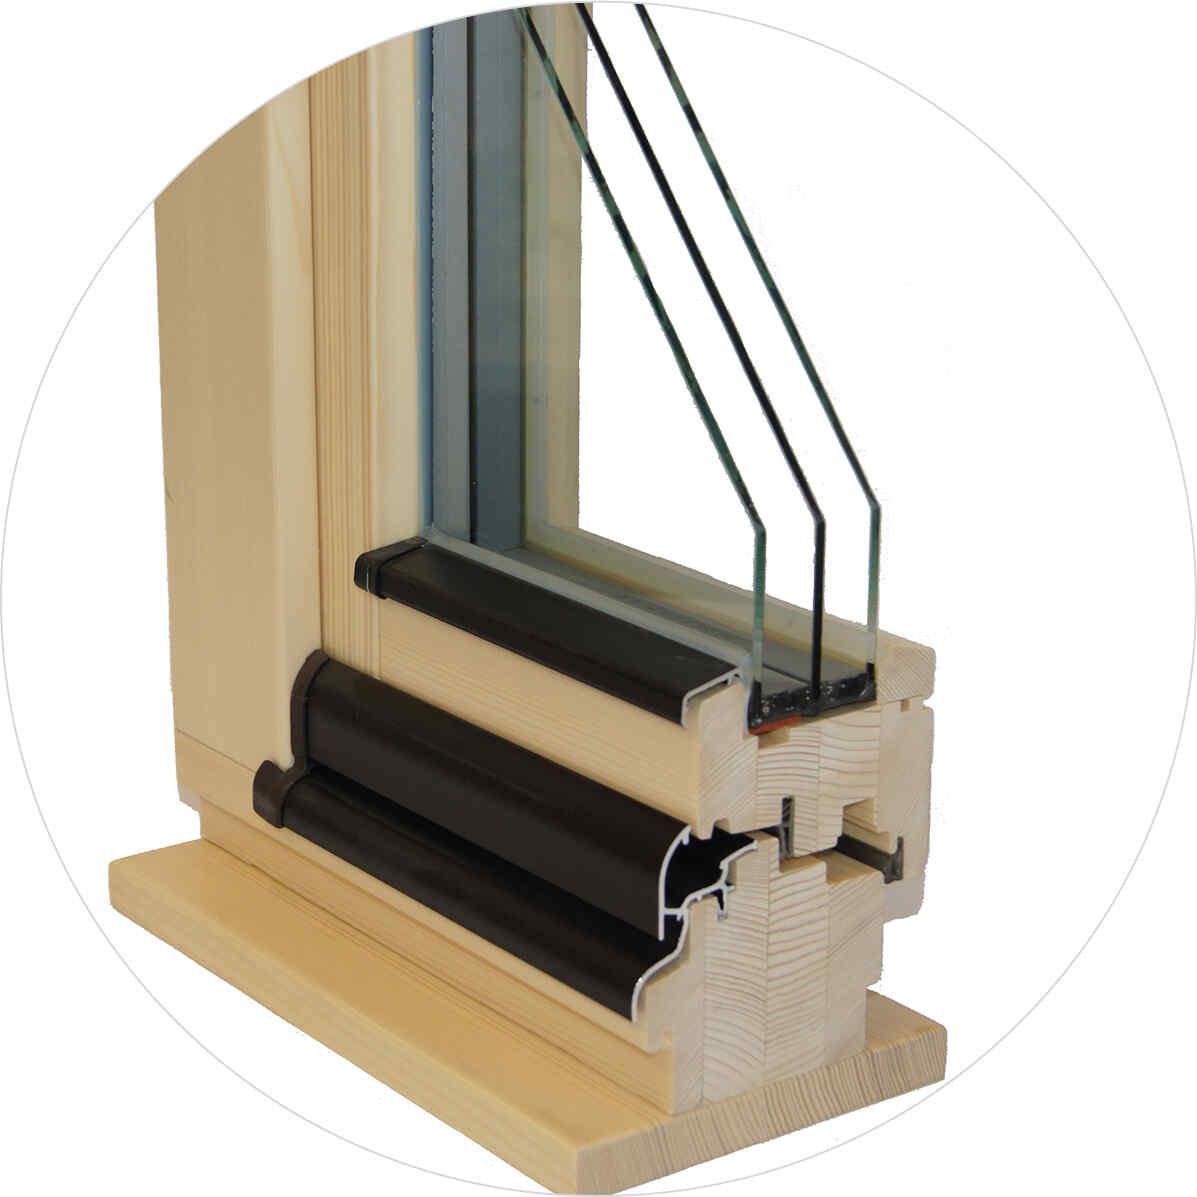 passivhausline w nde decken fenster individuell geplant vario haus fertigteilh user. Black Bedroom Furniture Sets. Home Design Ideas